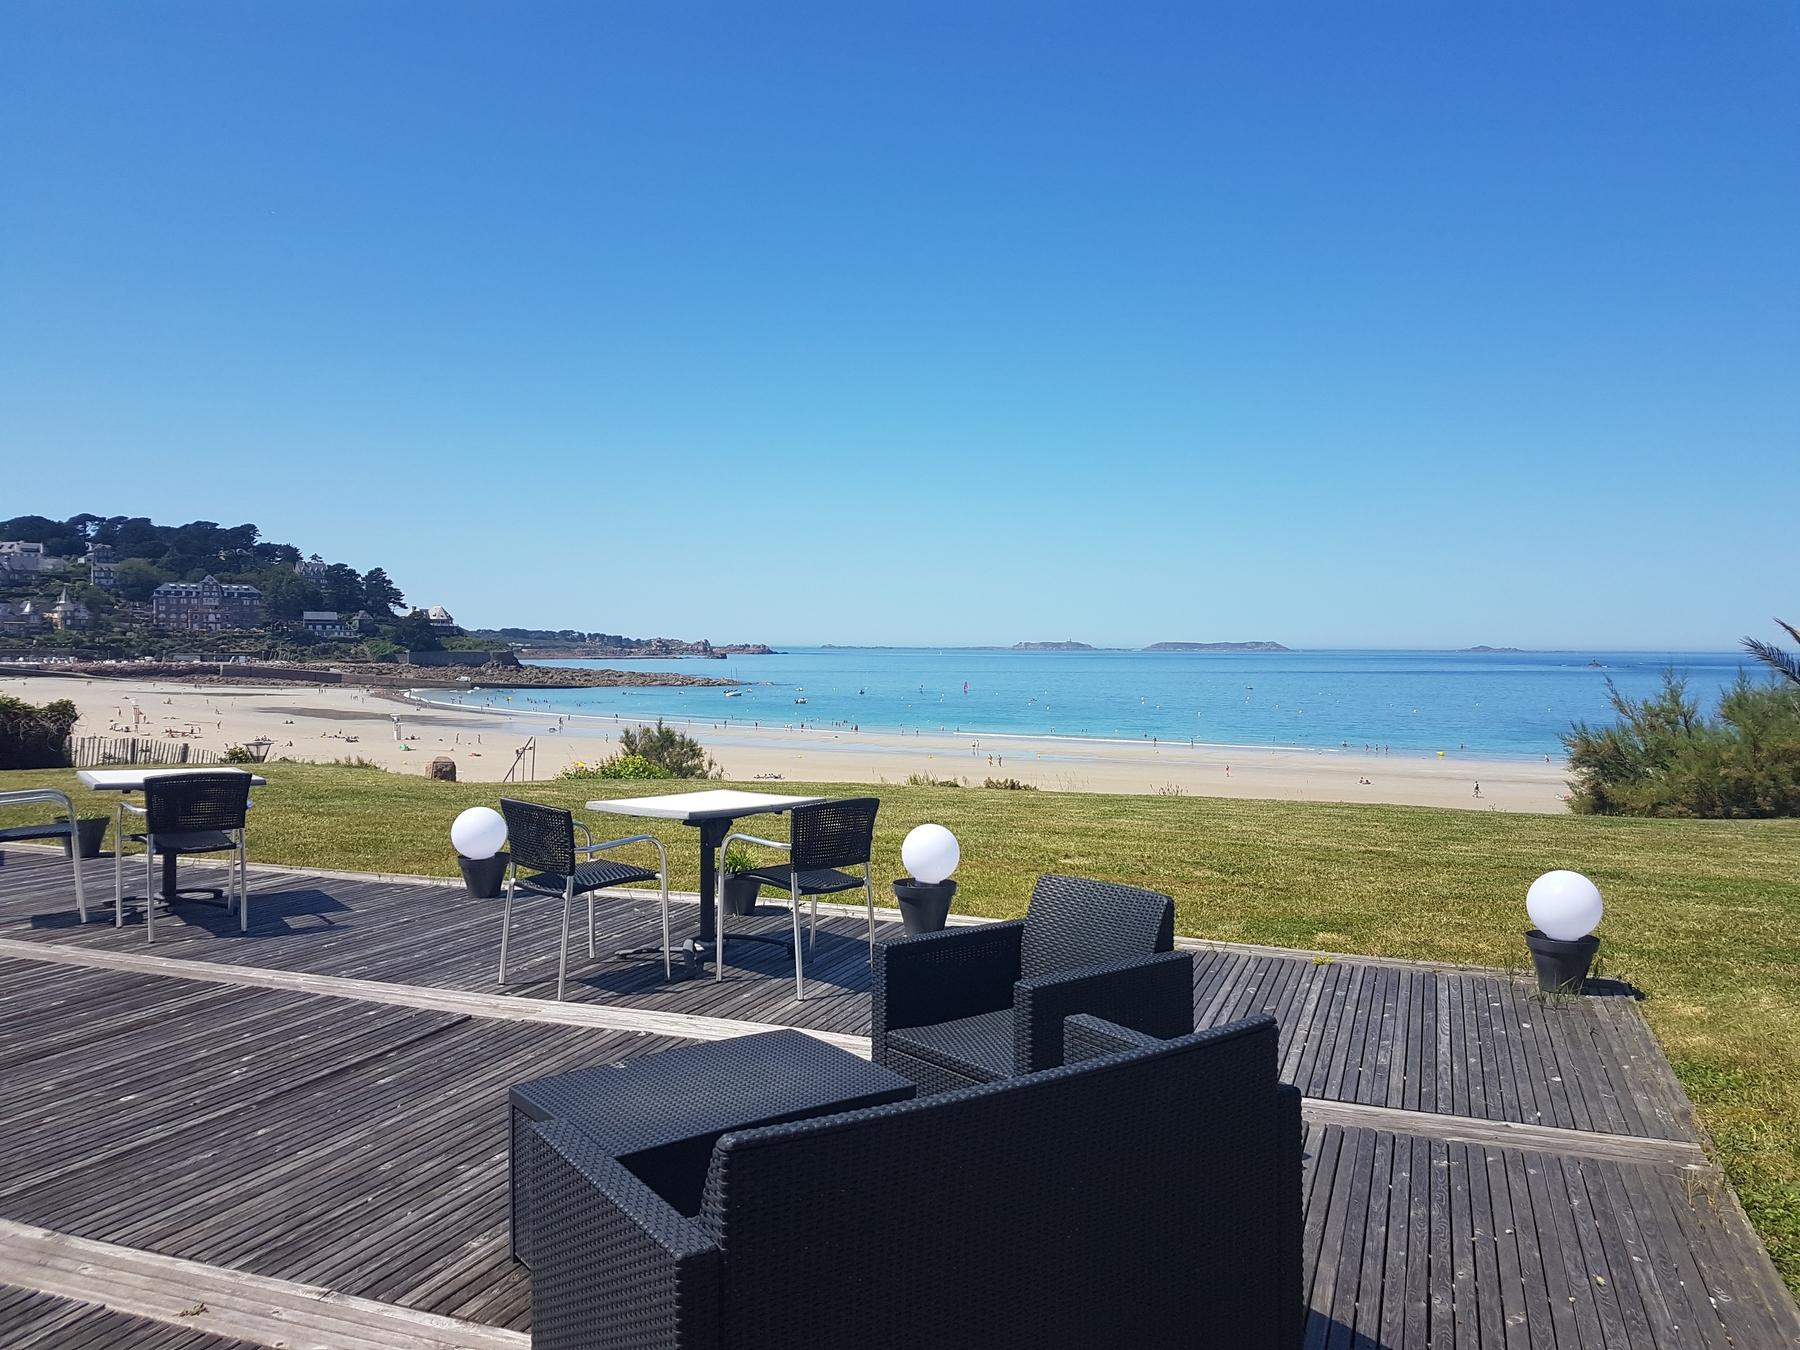 Visiter les côtes d'Armor avec un séjour à l'hôtel Ker Mor, un des meilleurs hôtels de plage en France